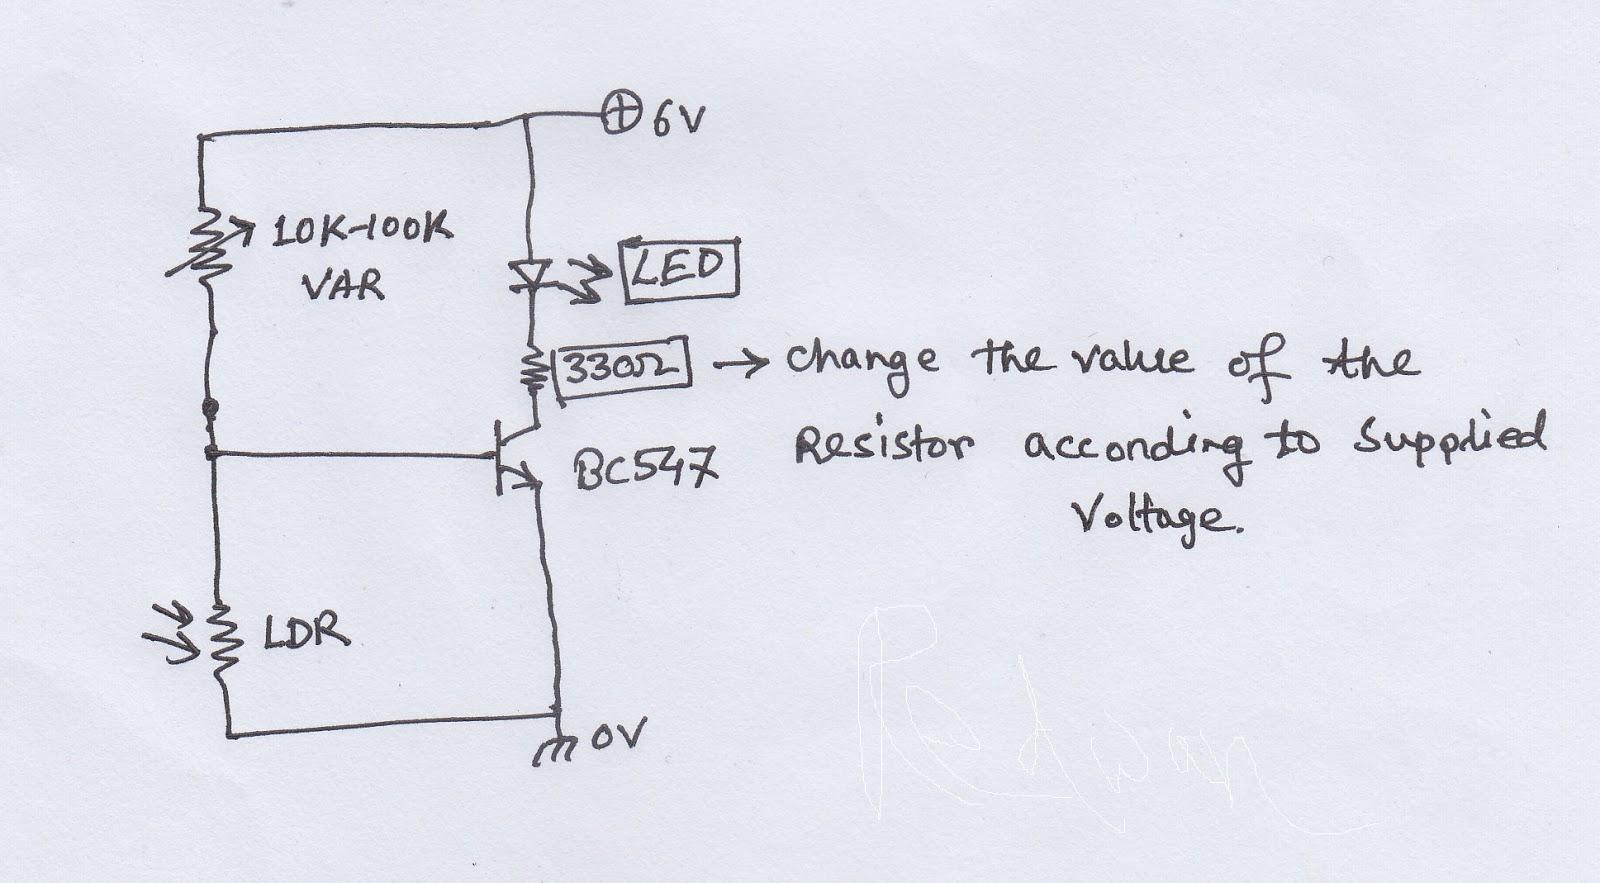 Using a CdS Photo resistor | hobby circuits using ldr